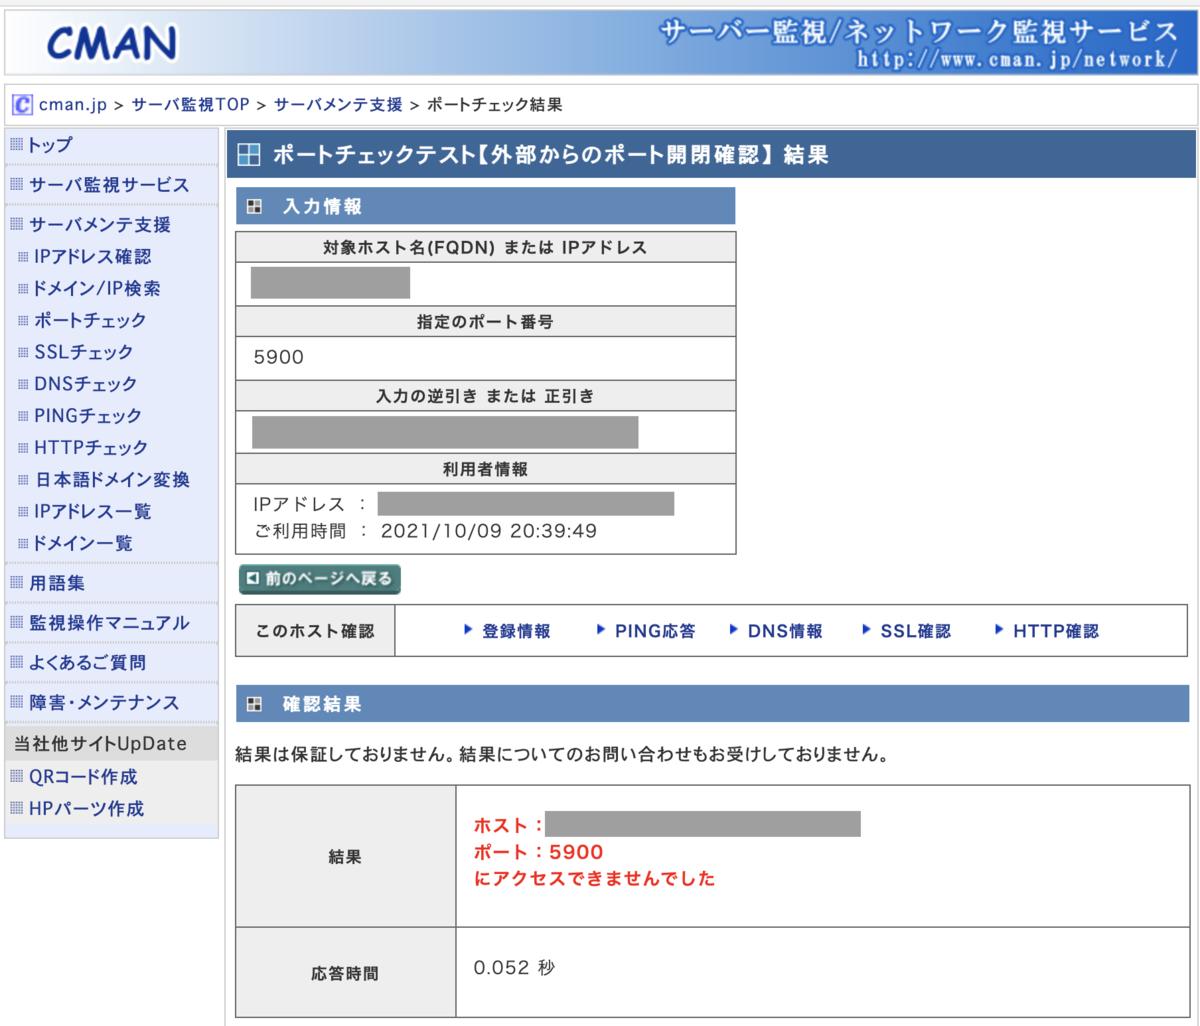 f:id:min117:20211009205543p:plain